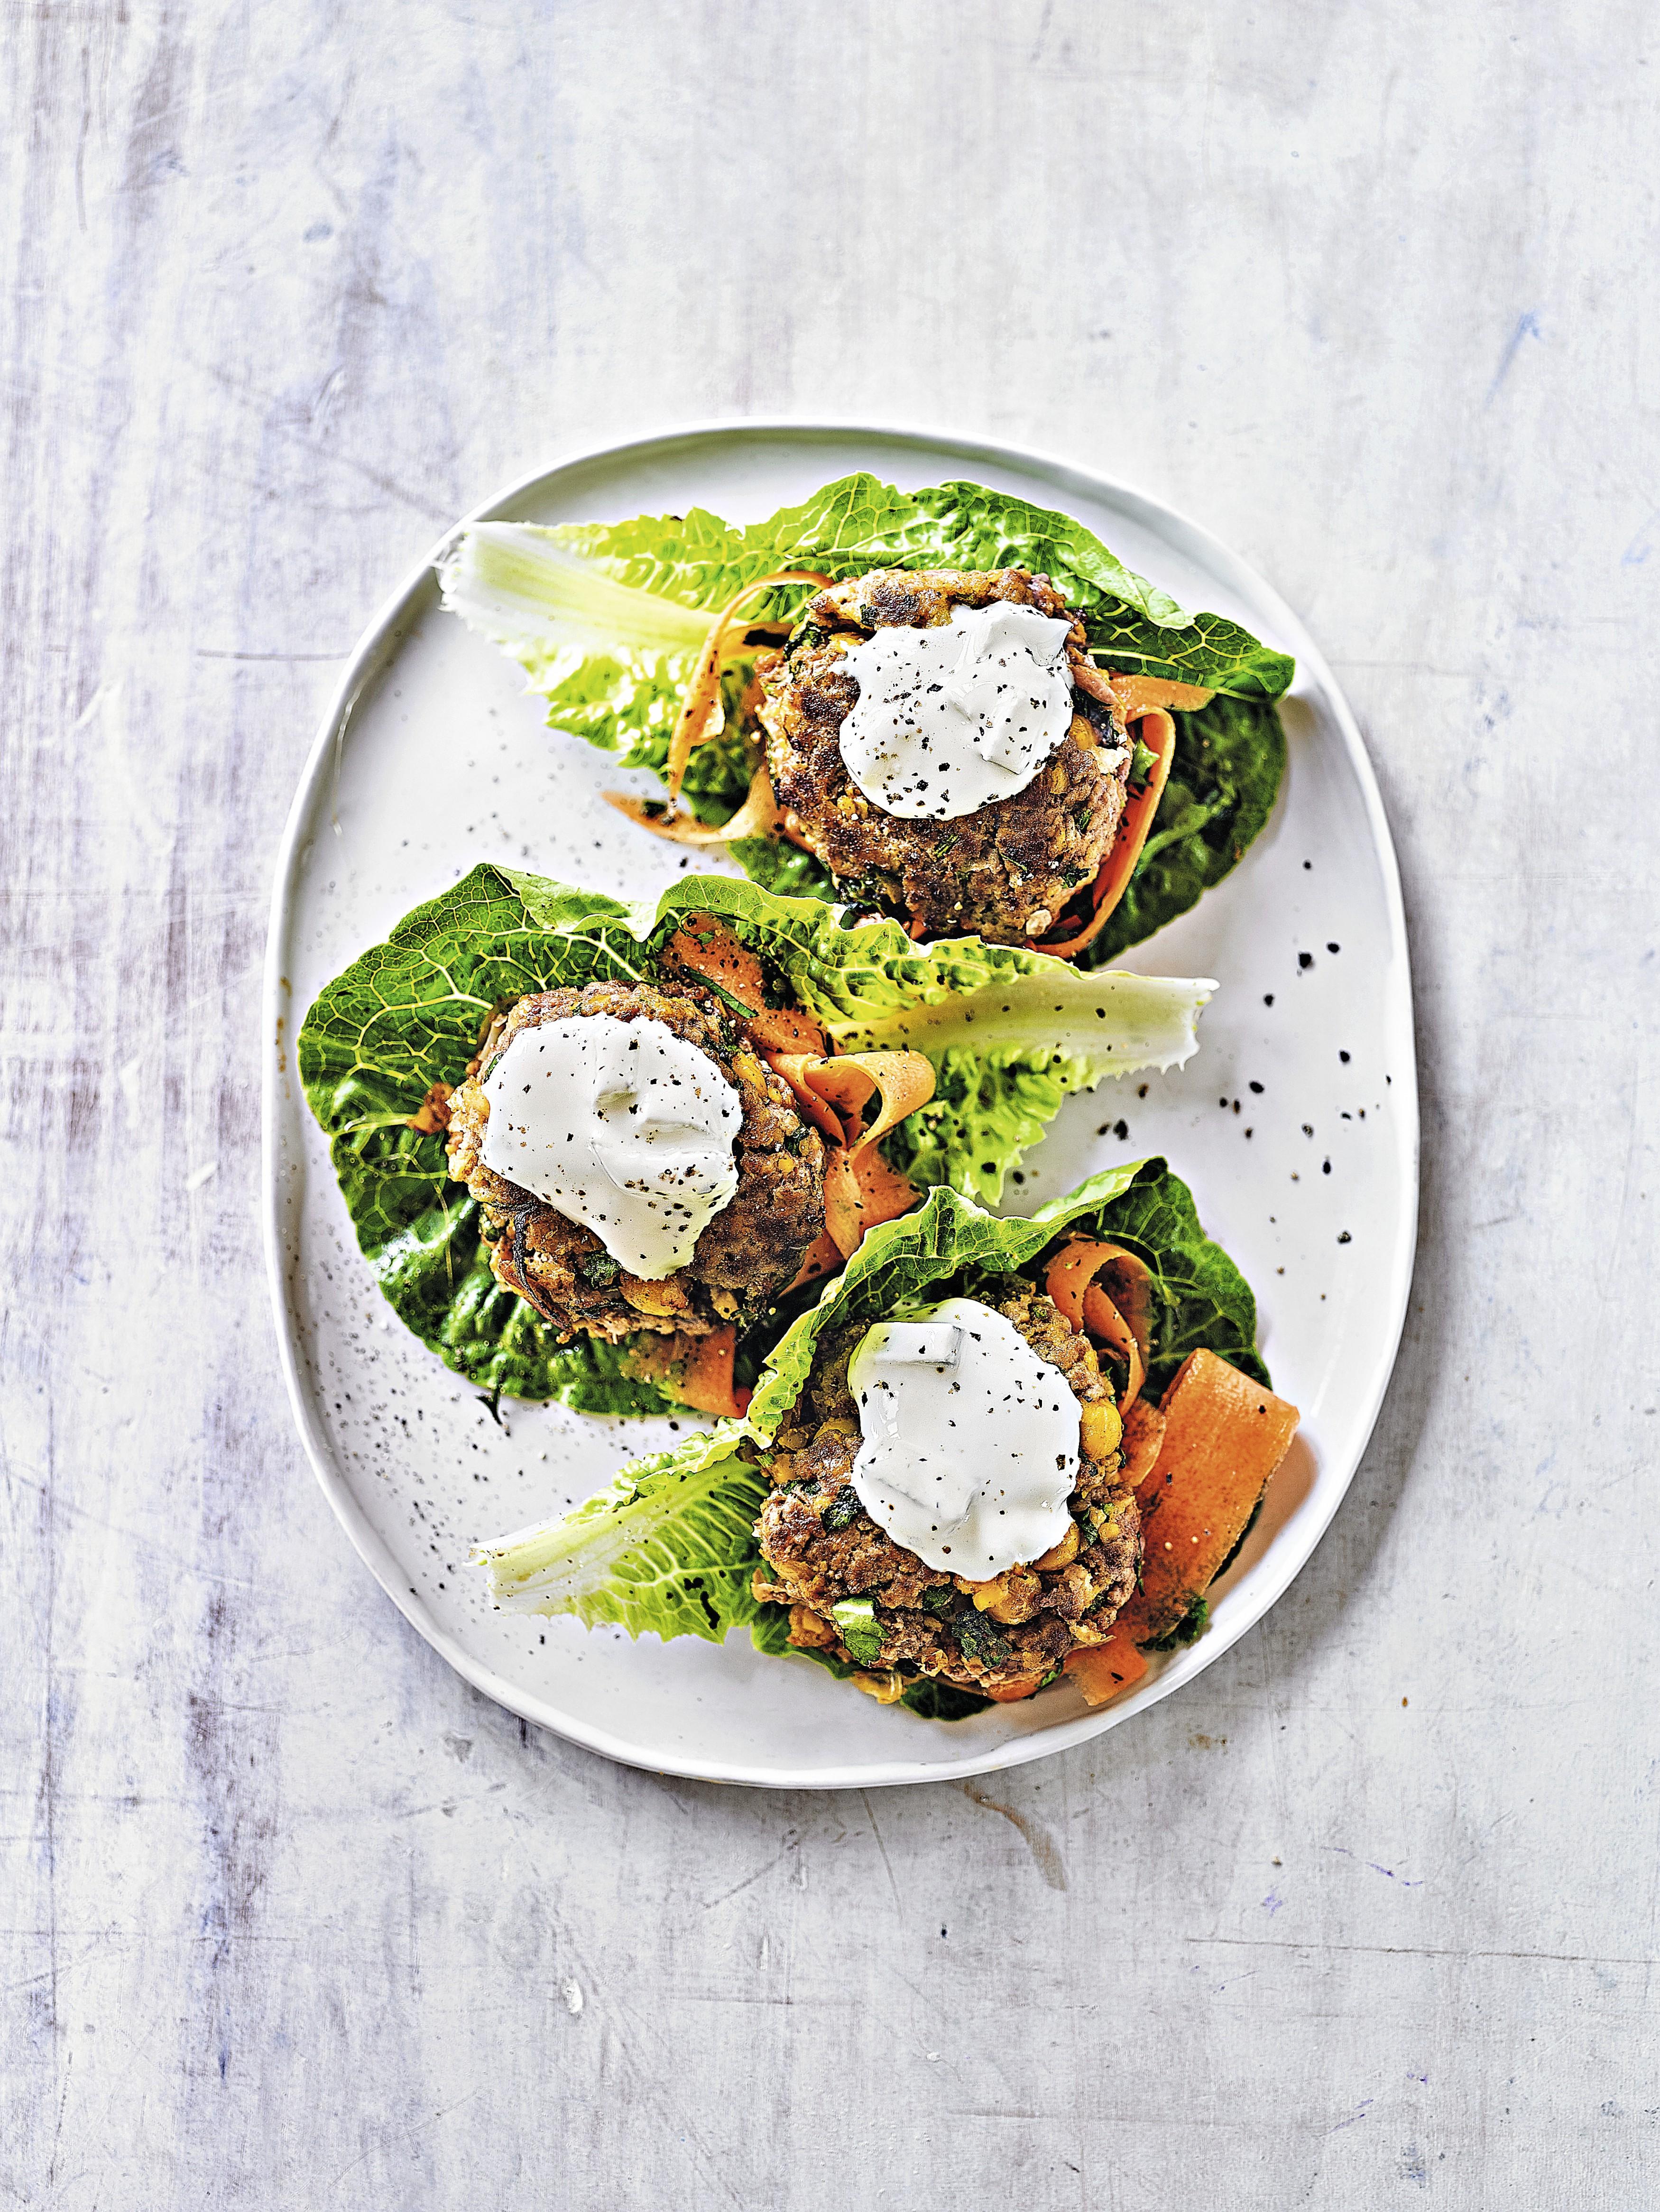 Tikka Burgers with Carrot Salad & Tzatziki